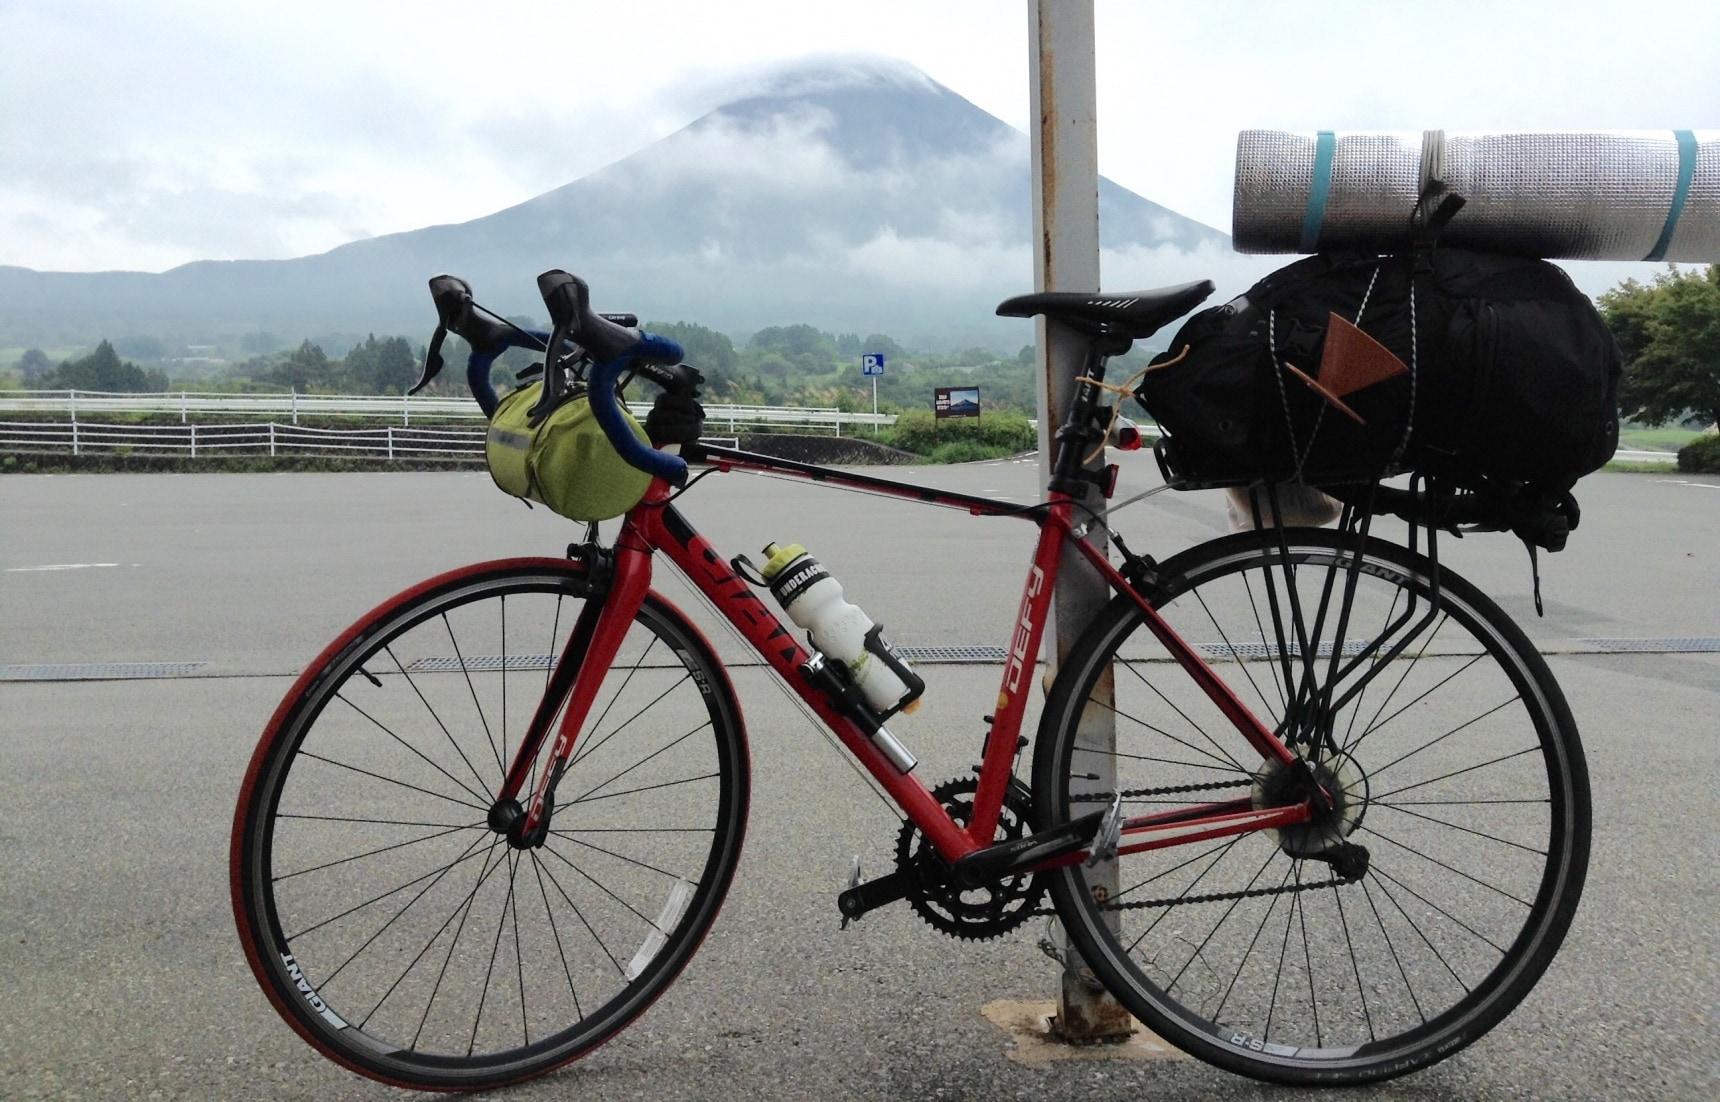 Tokyo to Mount Fuji Bicycle Tour